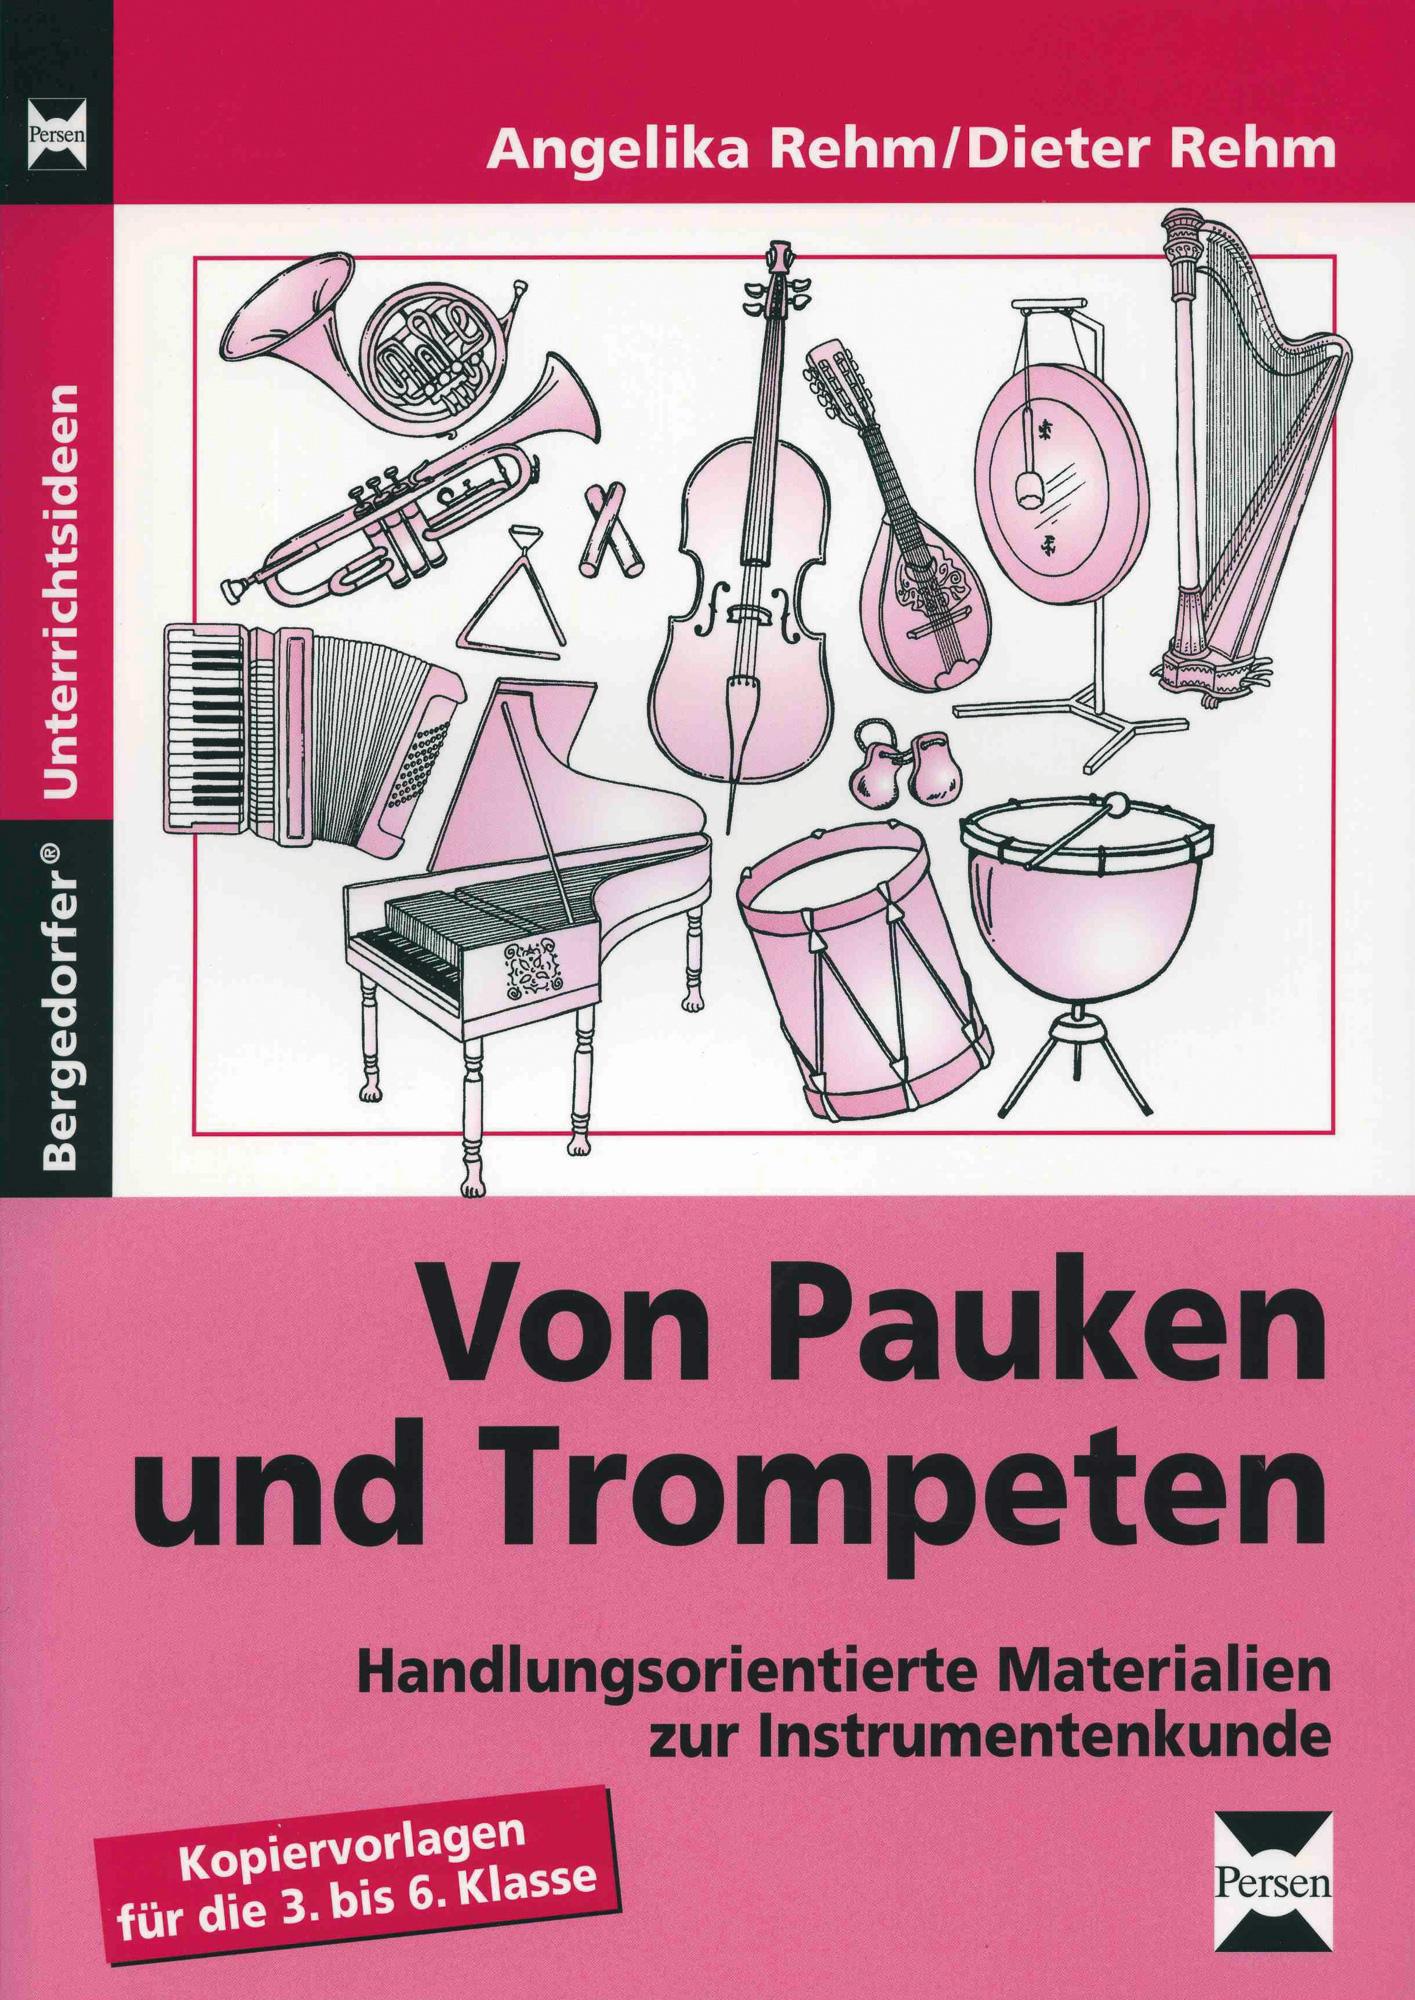 Von Pauken und Trompeten Buch | LMS Lehrmittel-Service H.Späth GmbH